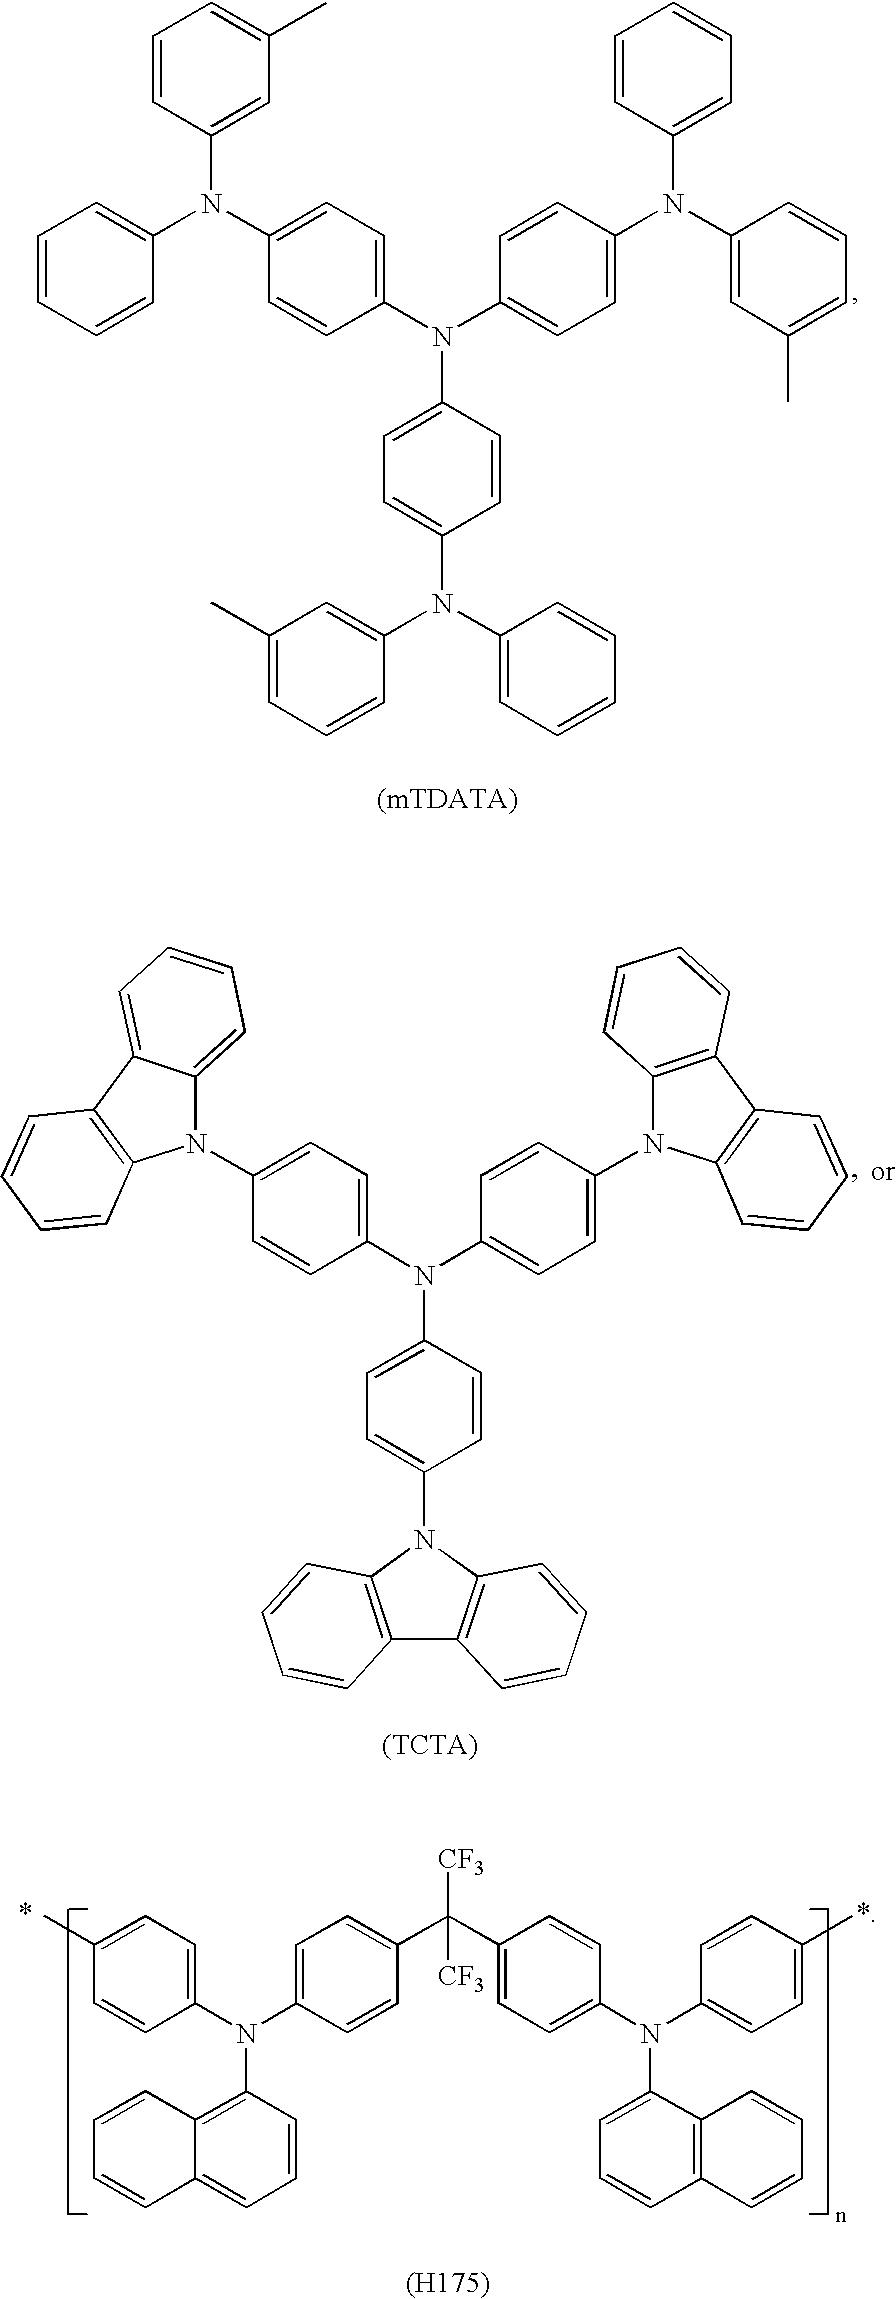 Figure US20080207823A1-20080828-C00002